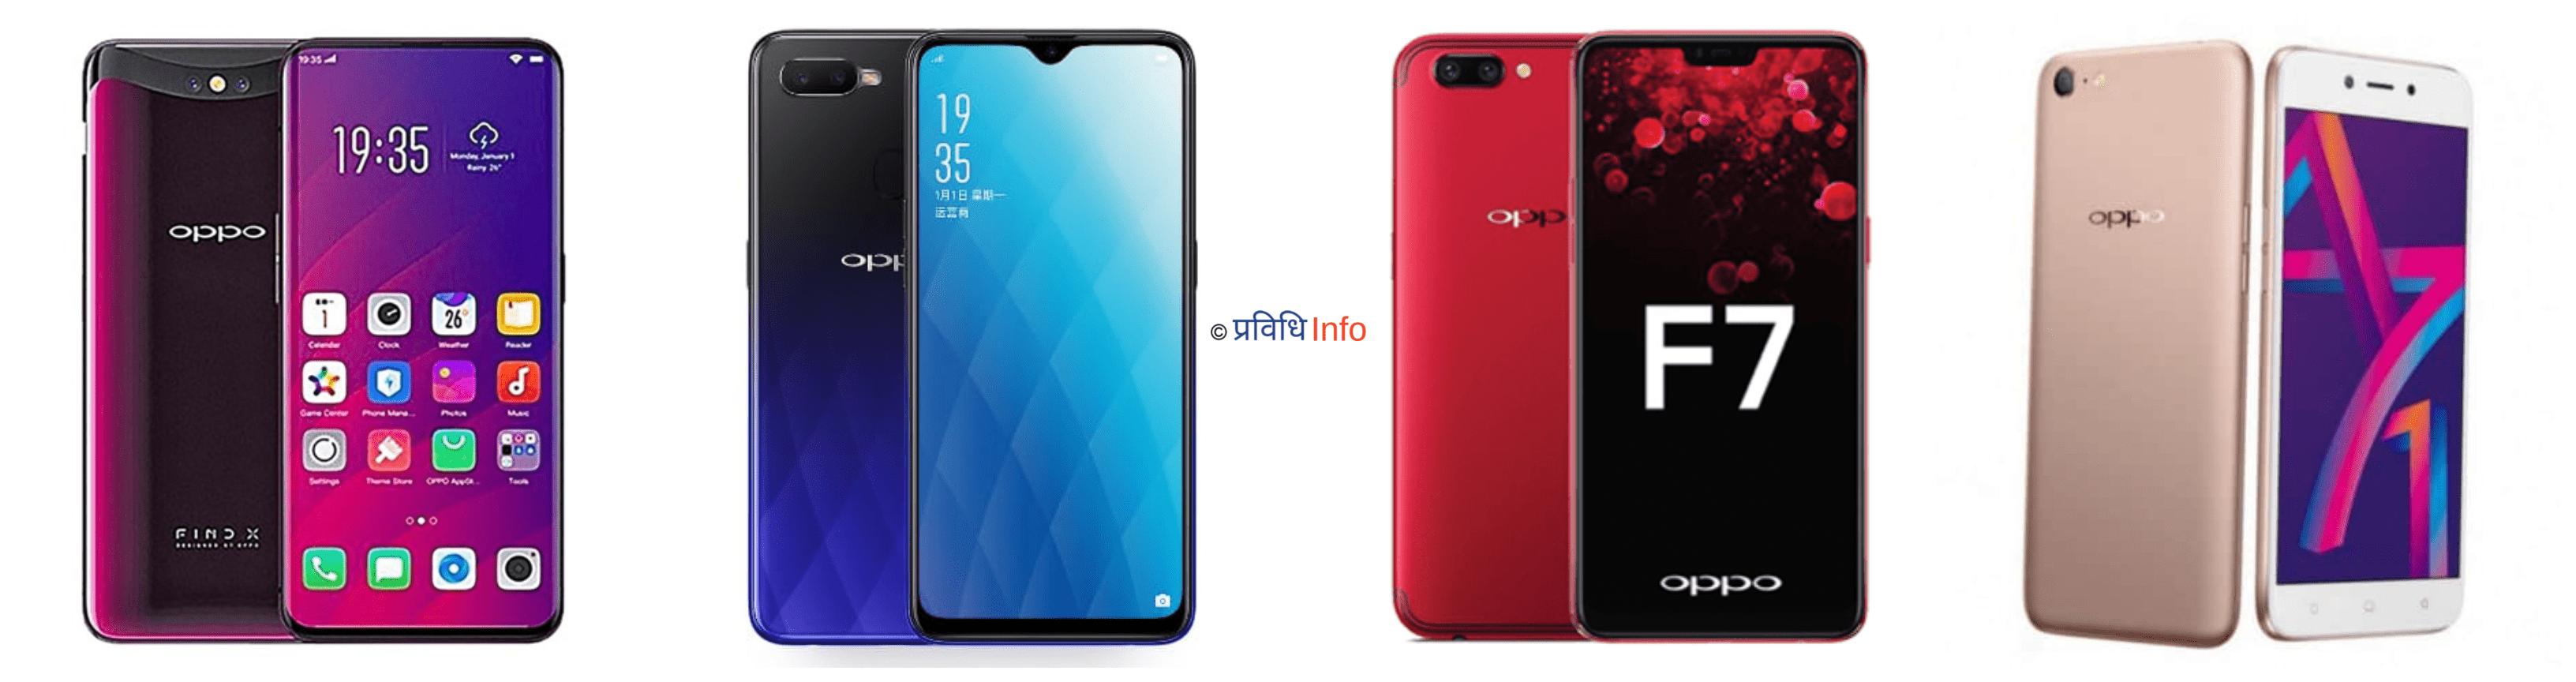 OPPO Mobile Price 2019